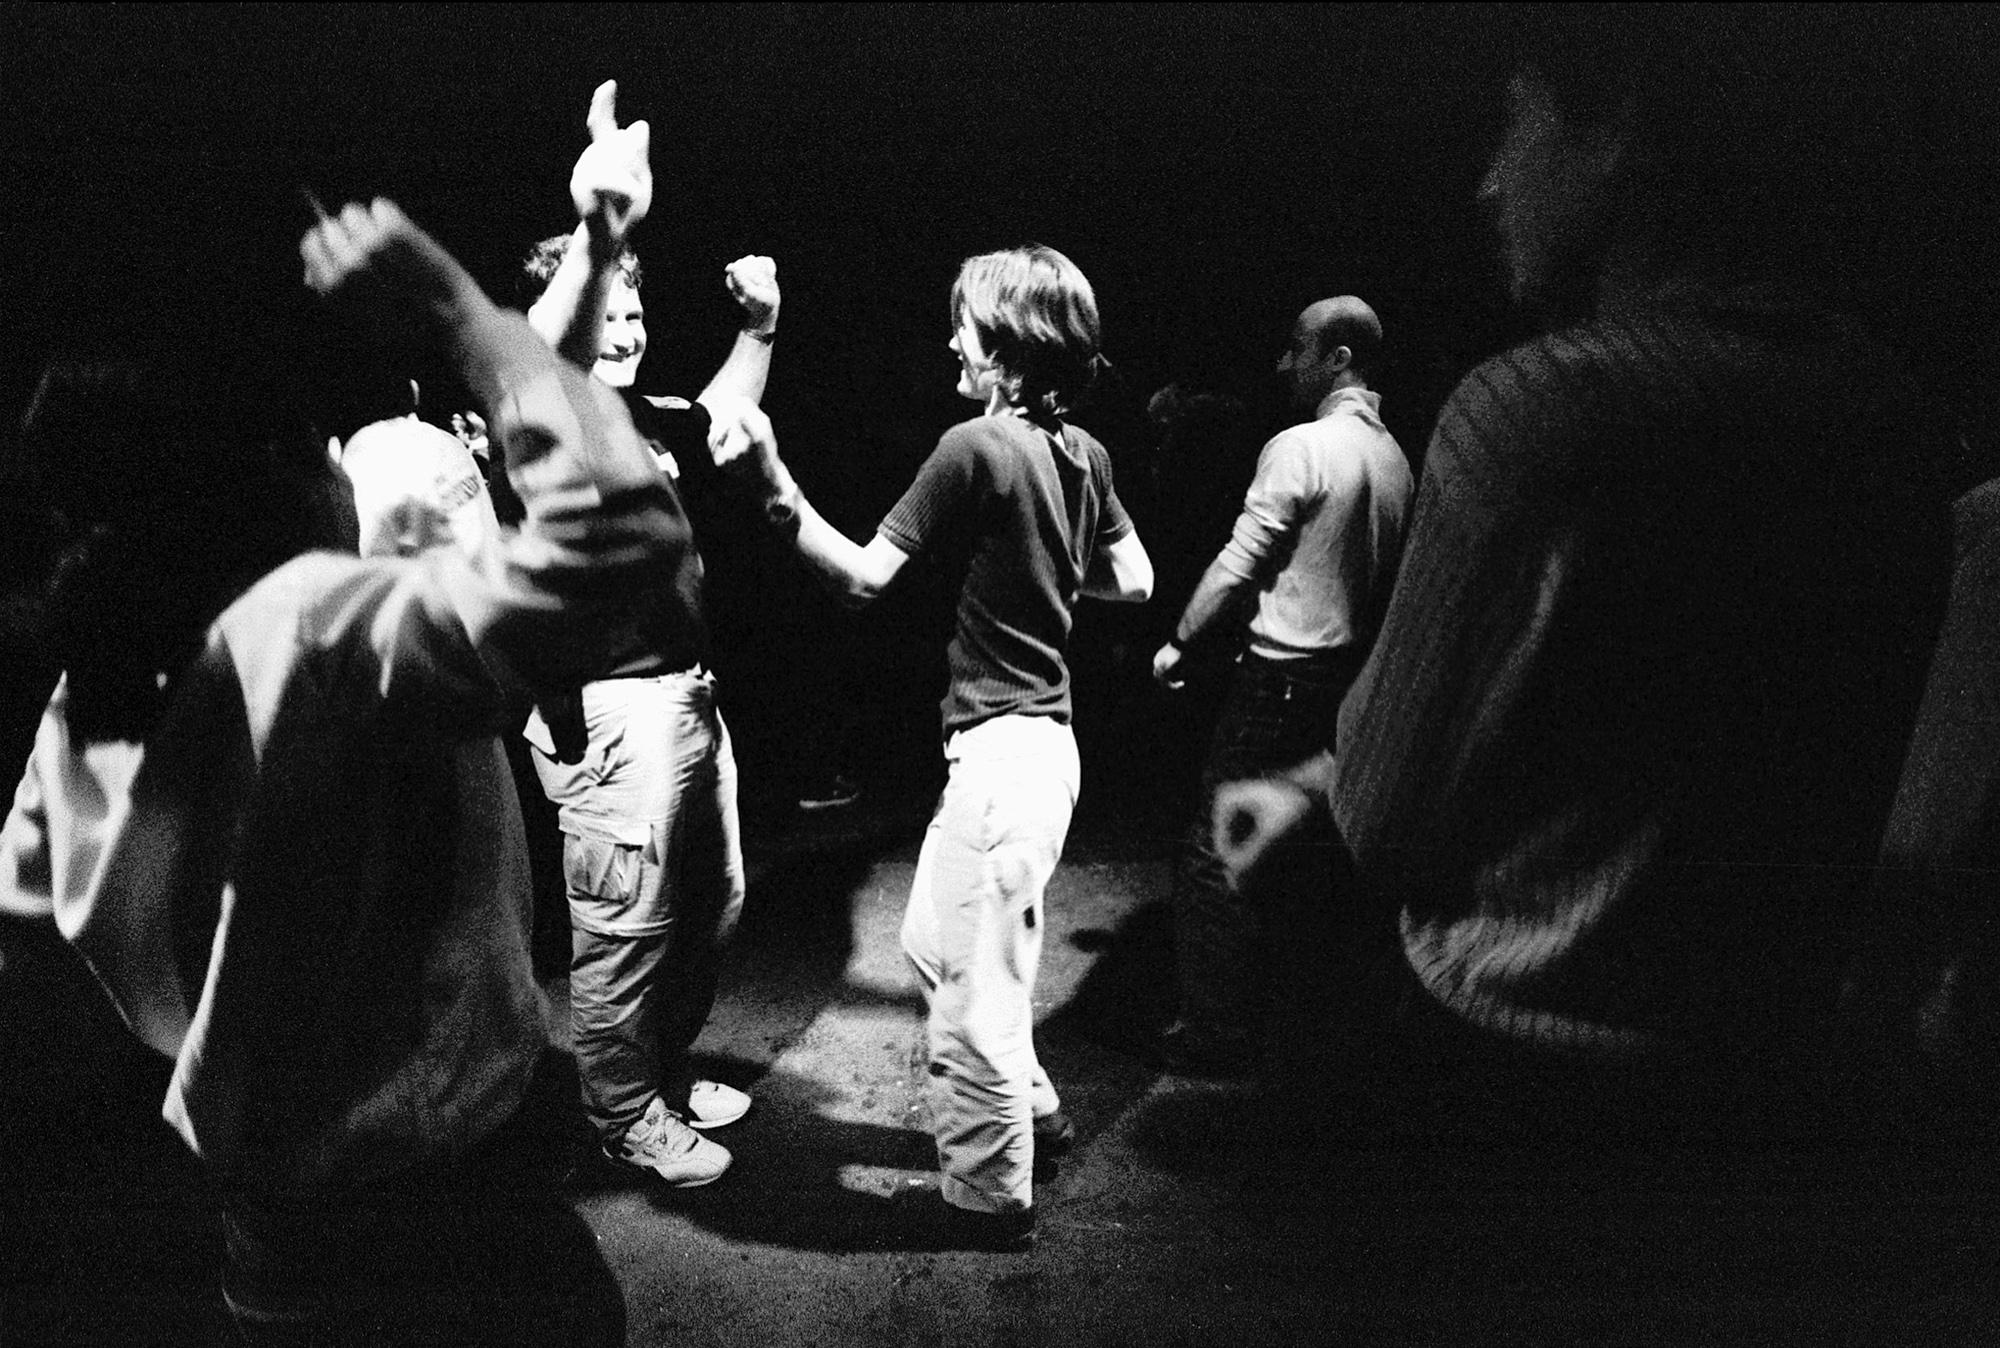 Les sans-papiers ont organisé une soirée à Fri-son (le mythique club alternatif de Fribourg). Suite à une situation qui devient de plus en plus difficile, la tension est palpable, faire la fête aide à évacuer le stress.Fribourg, le 9 octobre 2001.